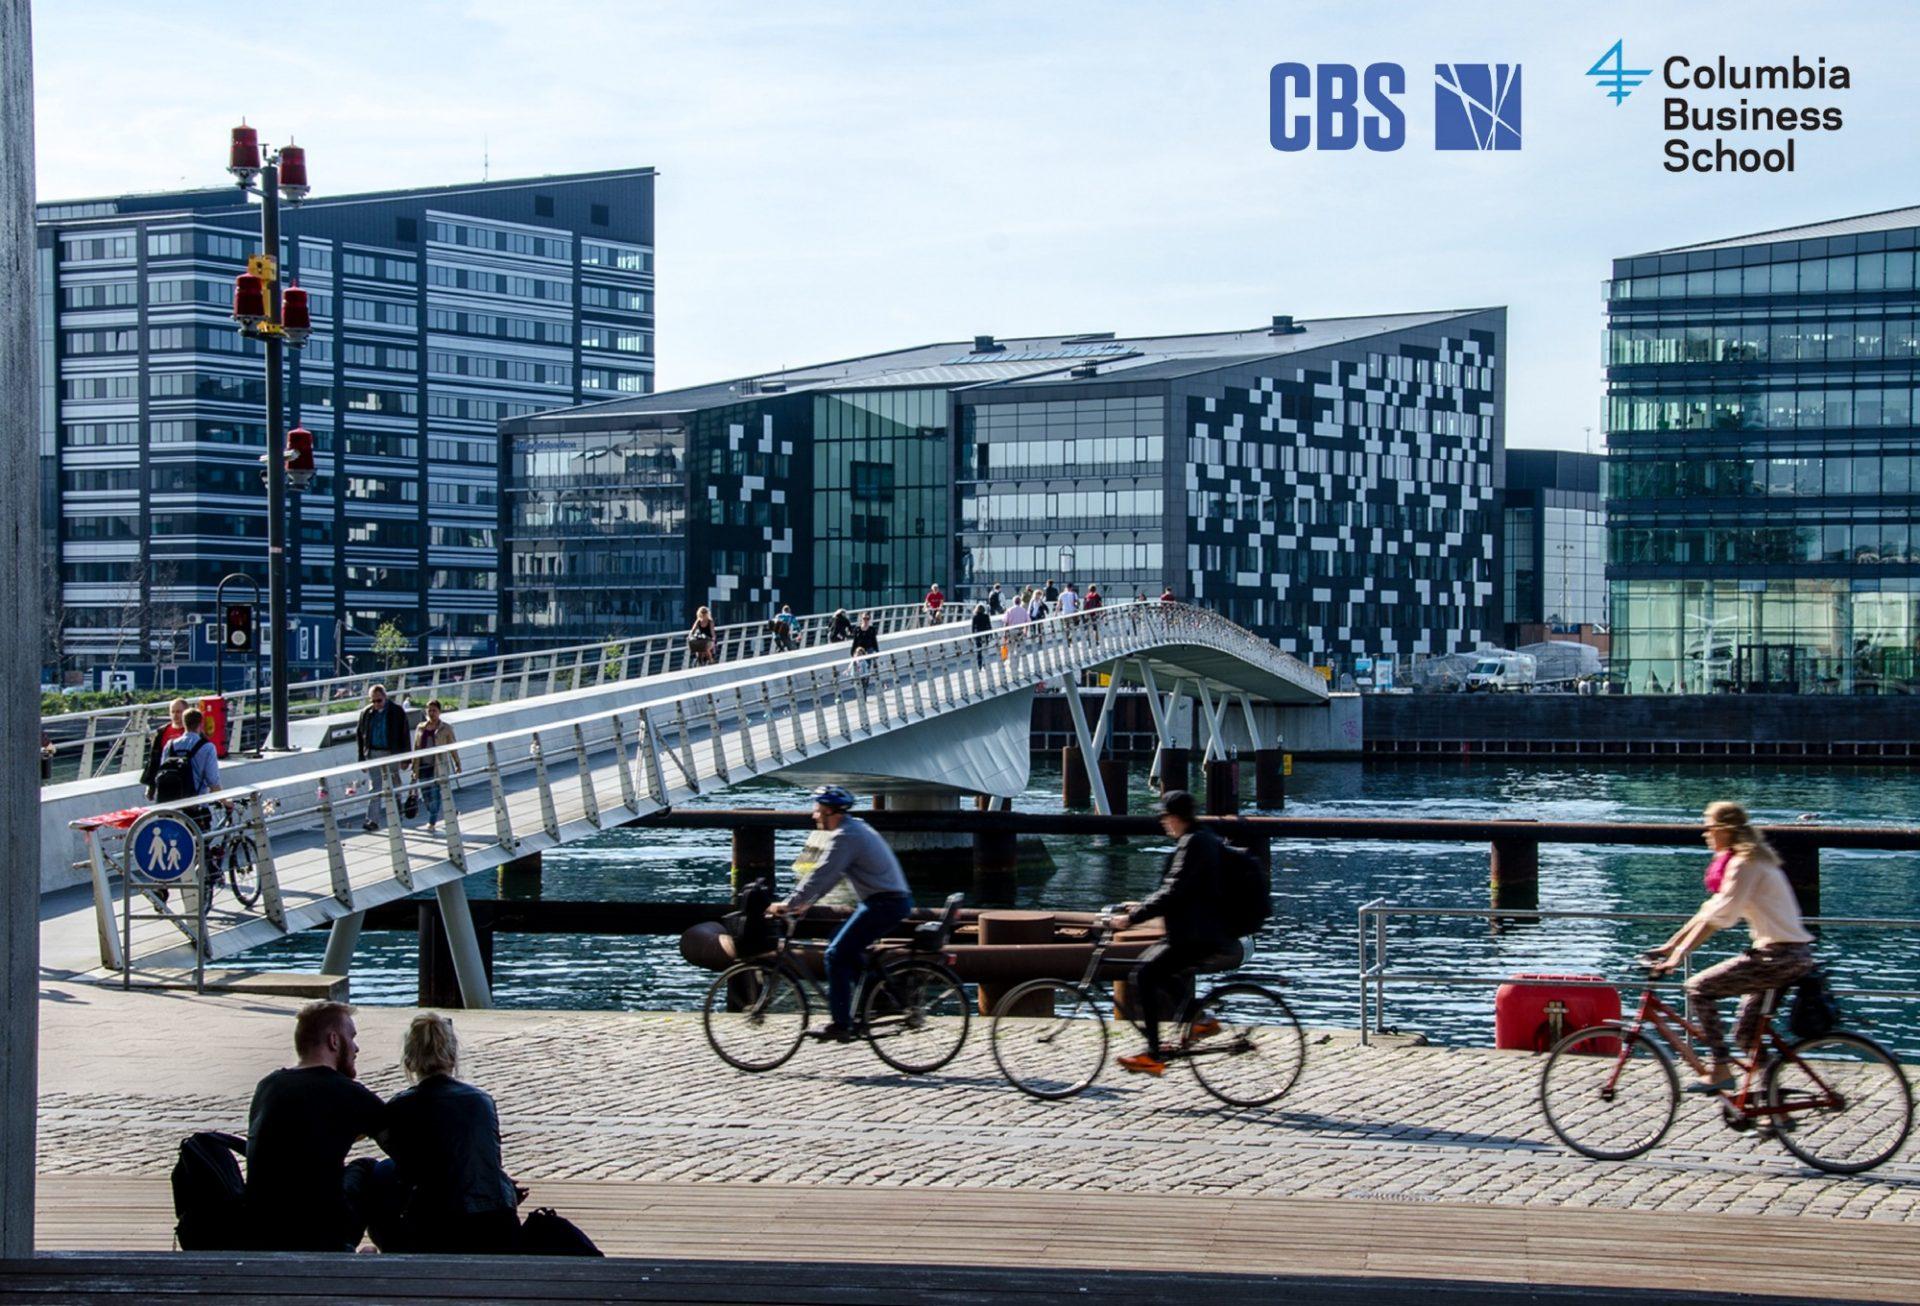 بورسیه علوم اعصاب دانمارک